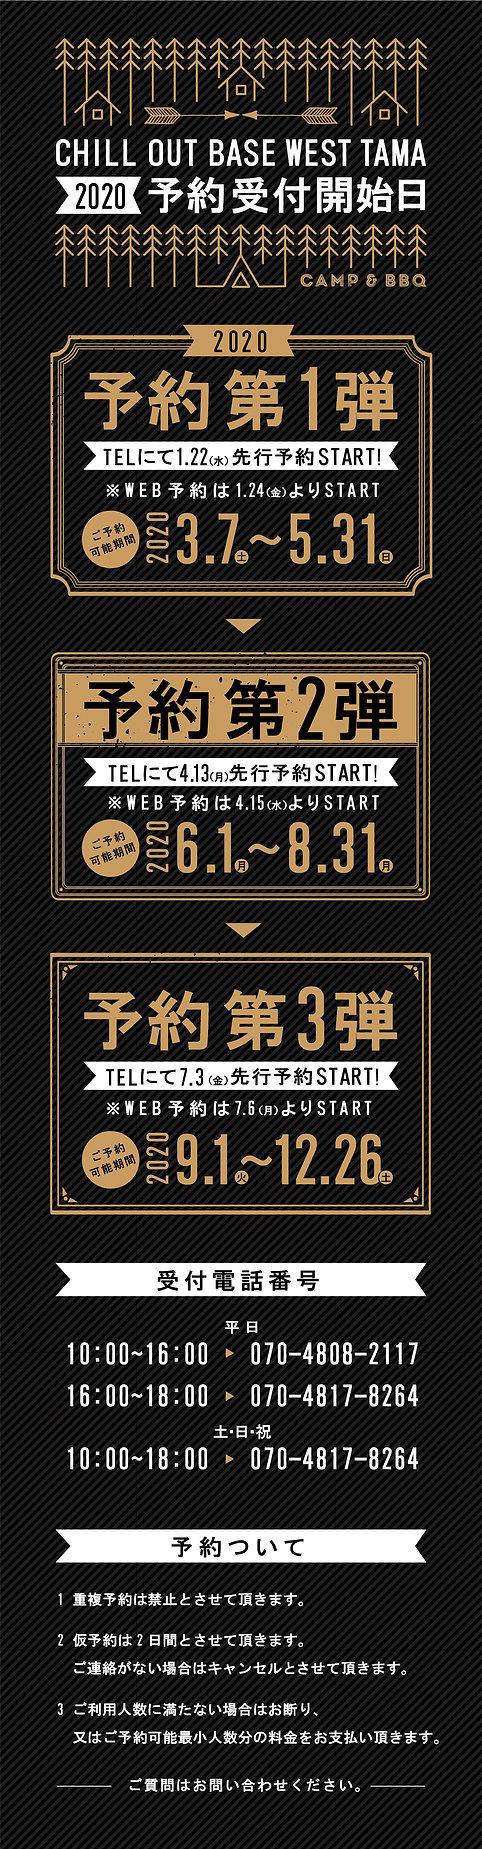 ちる告知2020-01.jpg